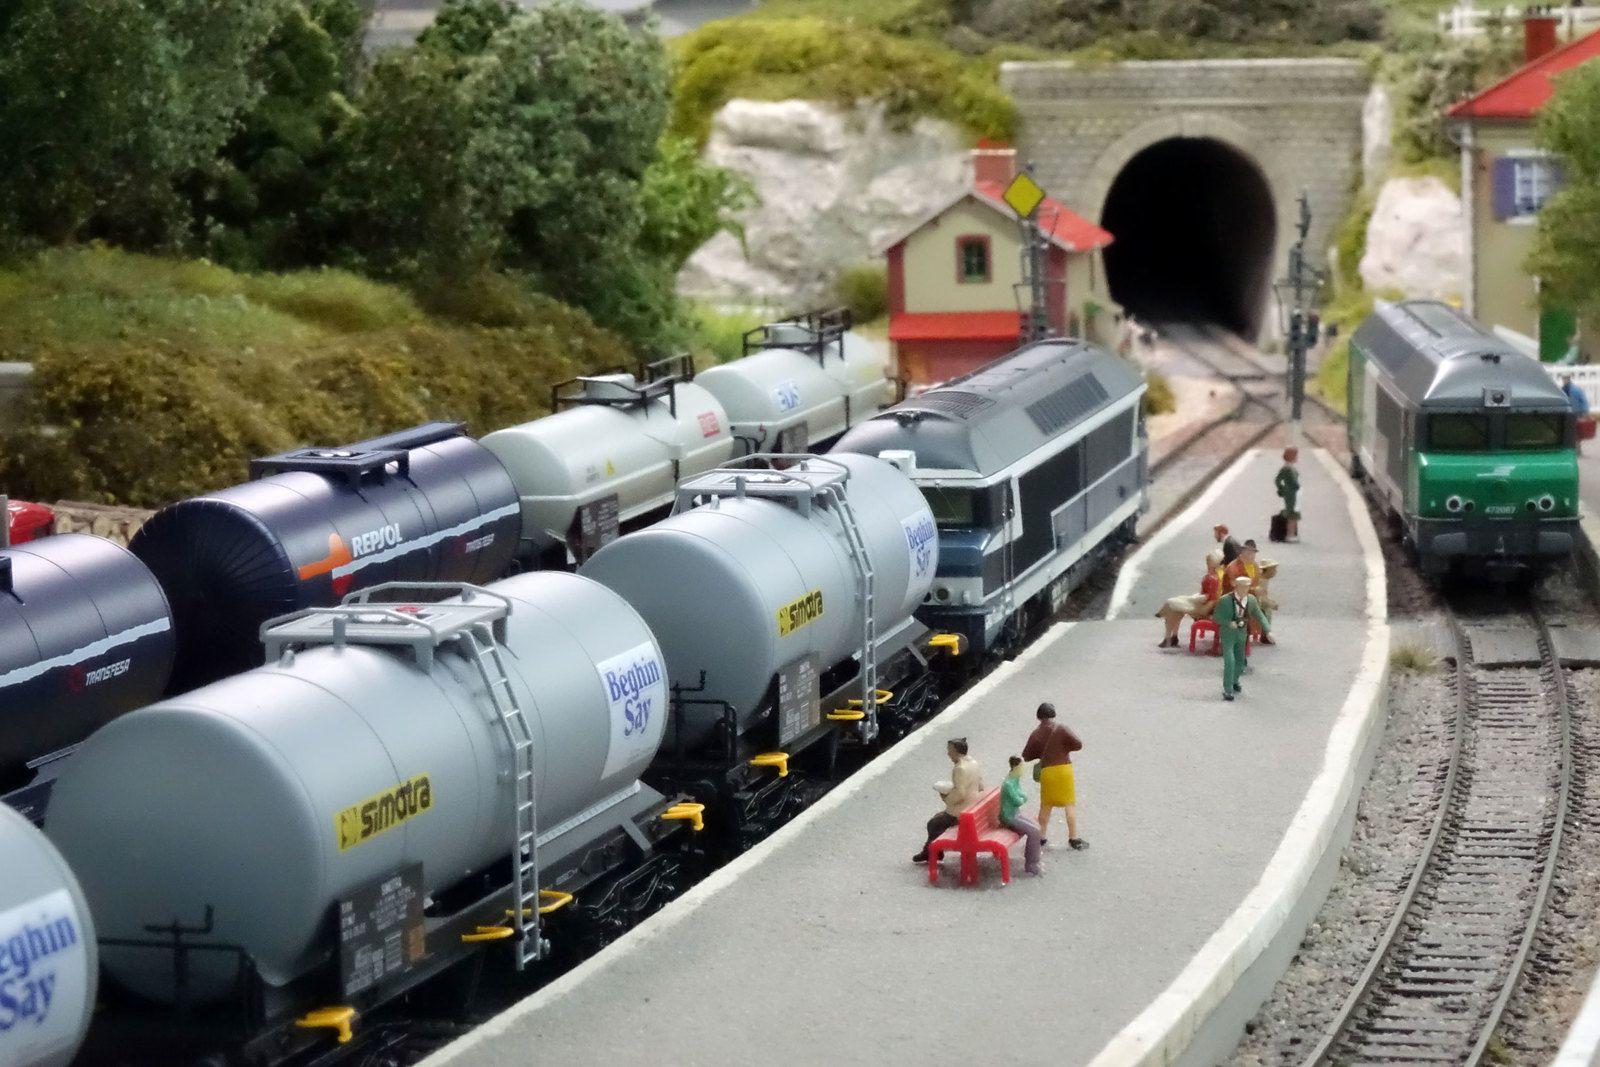 La CC 72000 Fret SNCF qui circule HLP va s'engager dans le tunnel de Bellevue avant l'autre CC 72000 qui est en tête d'un train de sucre.